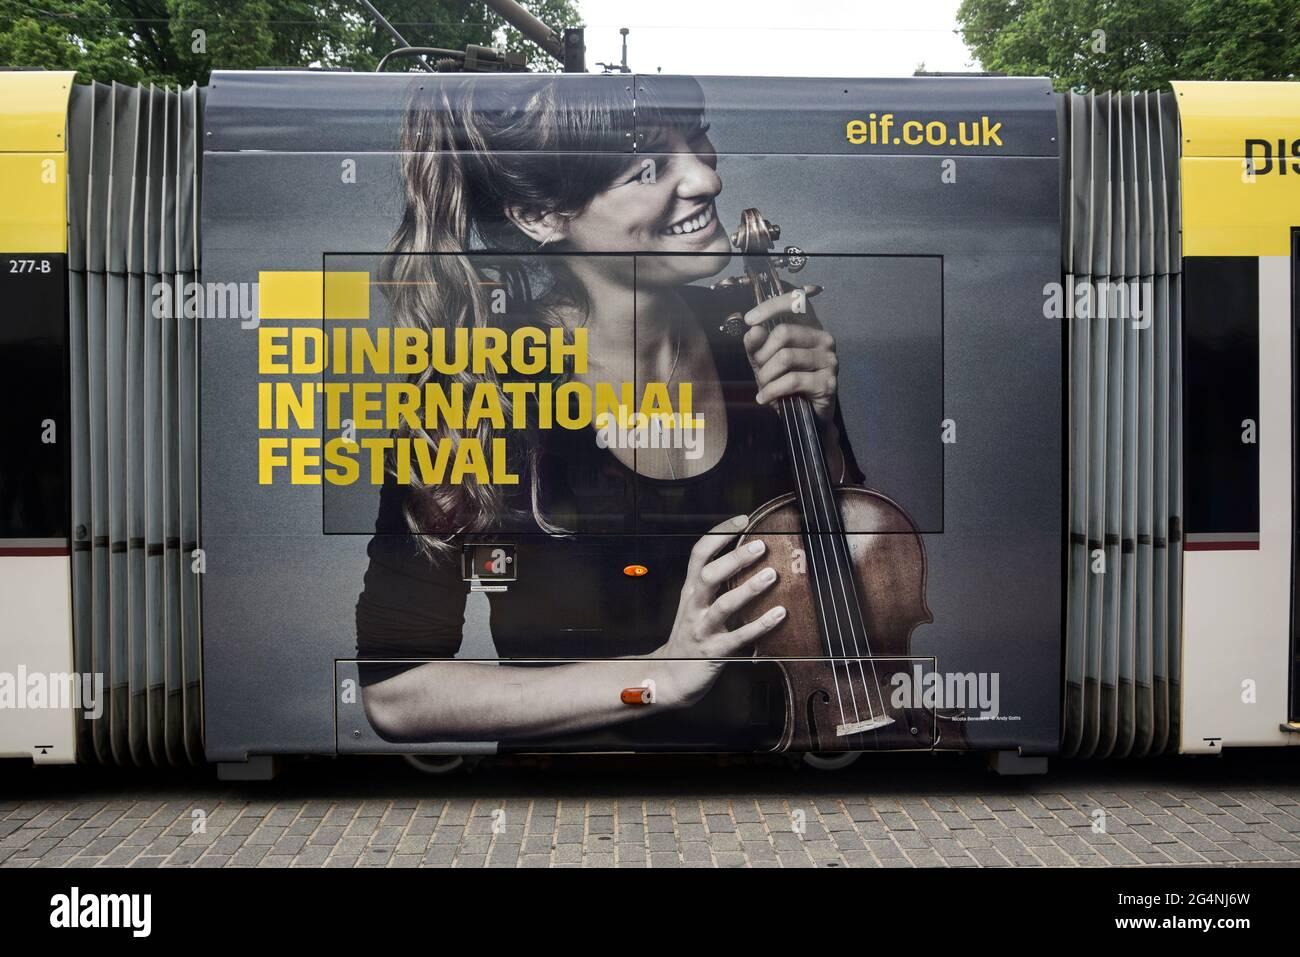 Publicité pour le Festival international d'Édimbourg avec une photo de la violoniste écossaise Nicola Benedetti sur le côté d'un tramway d'Édimbourg. Banque D'Images